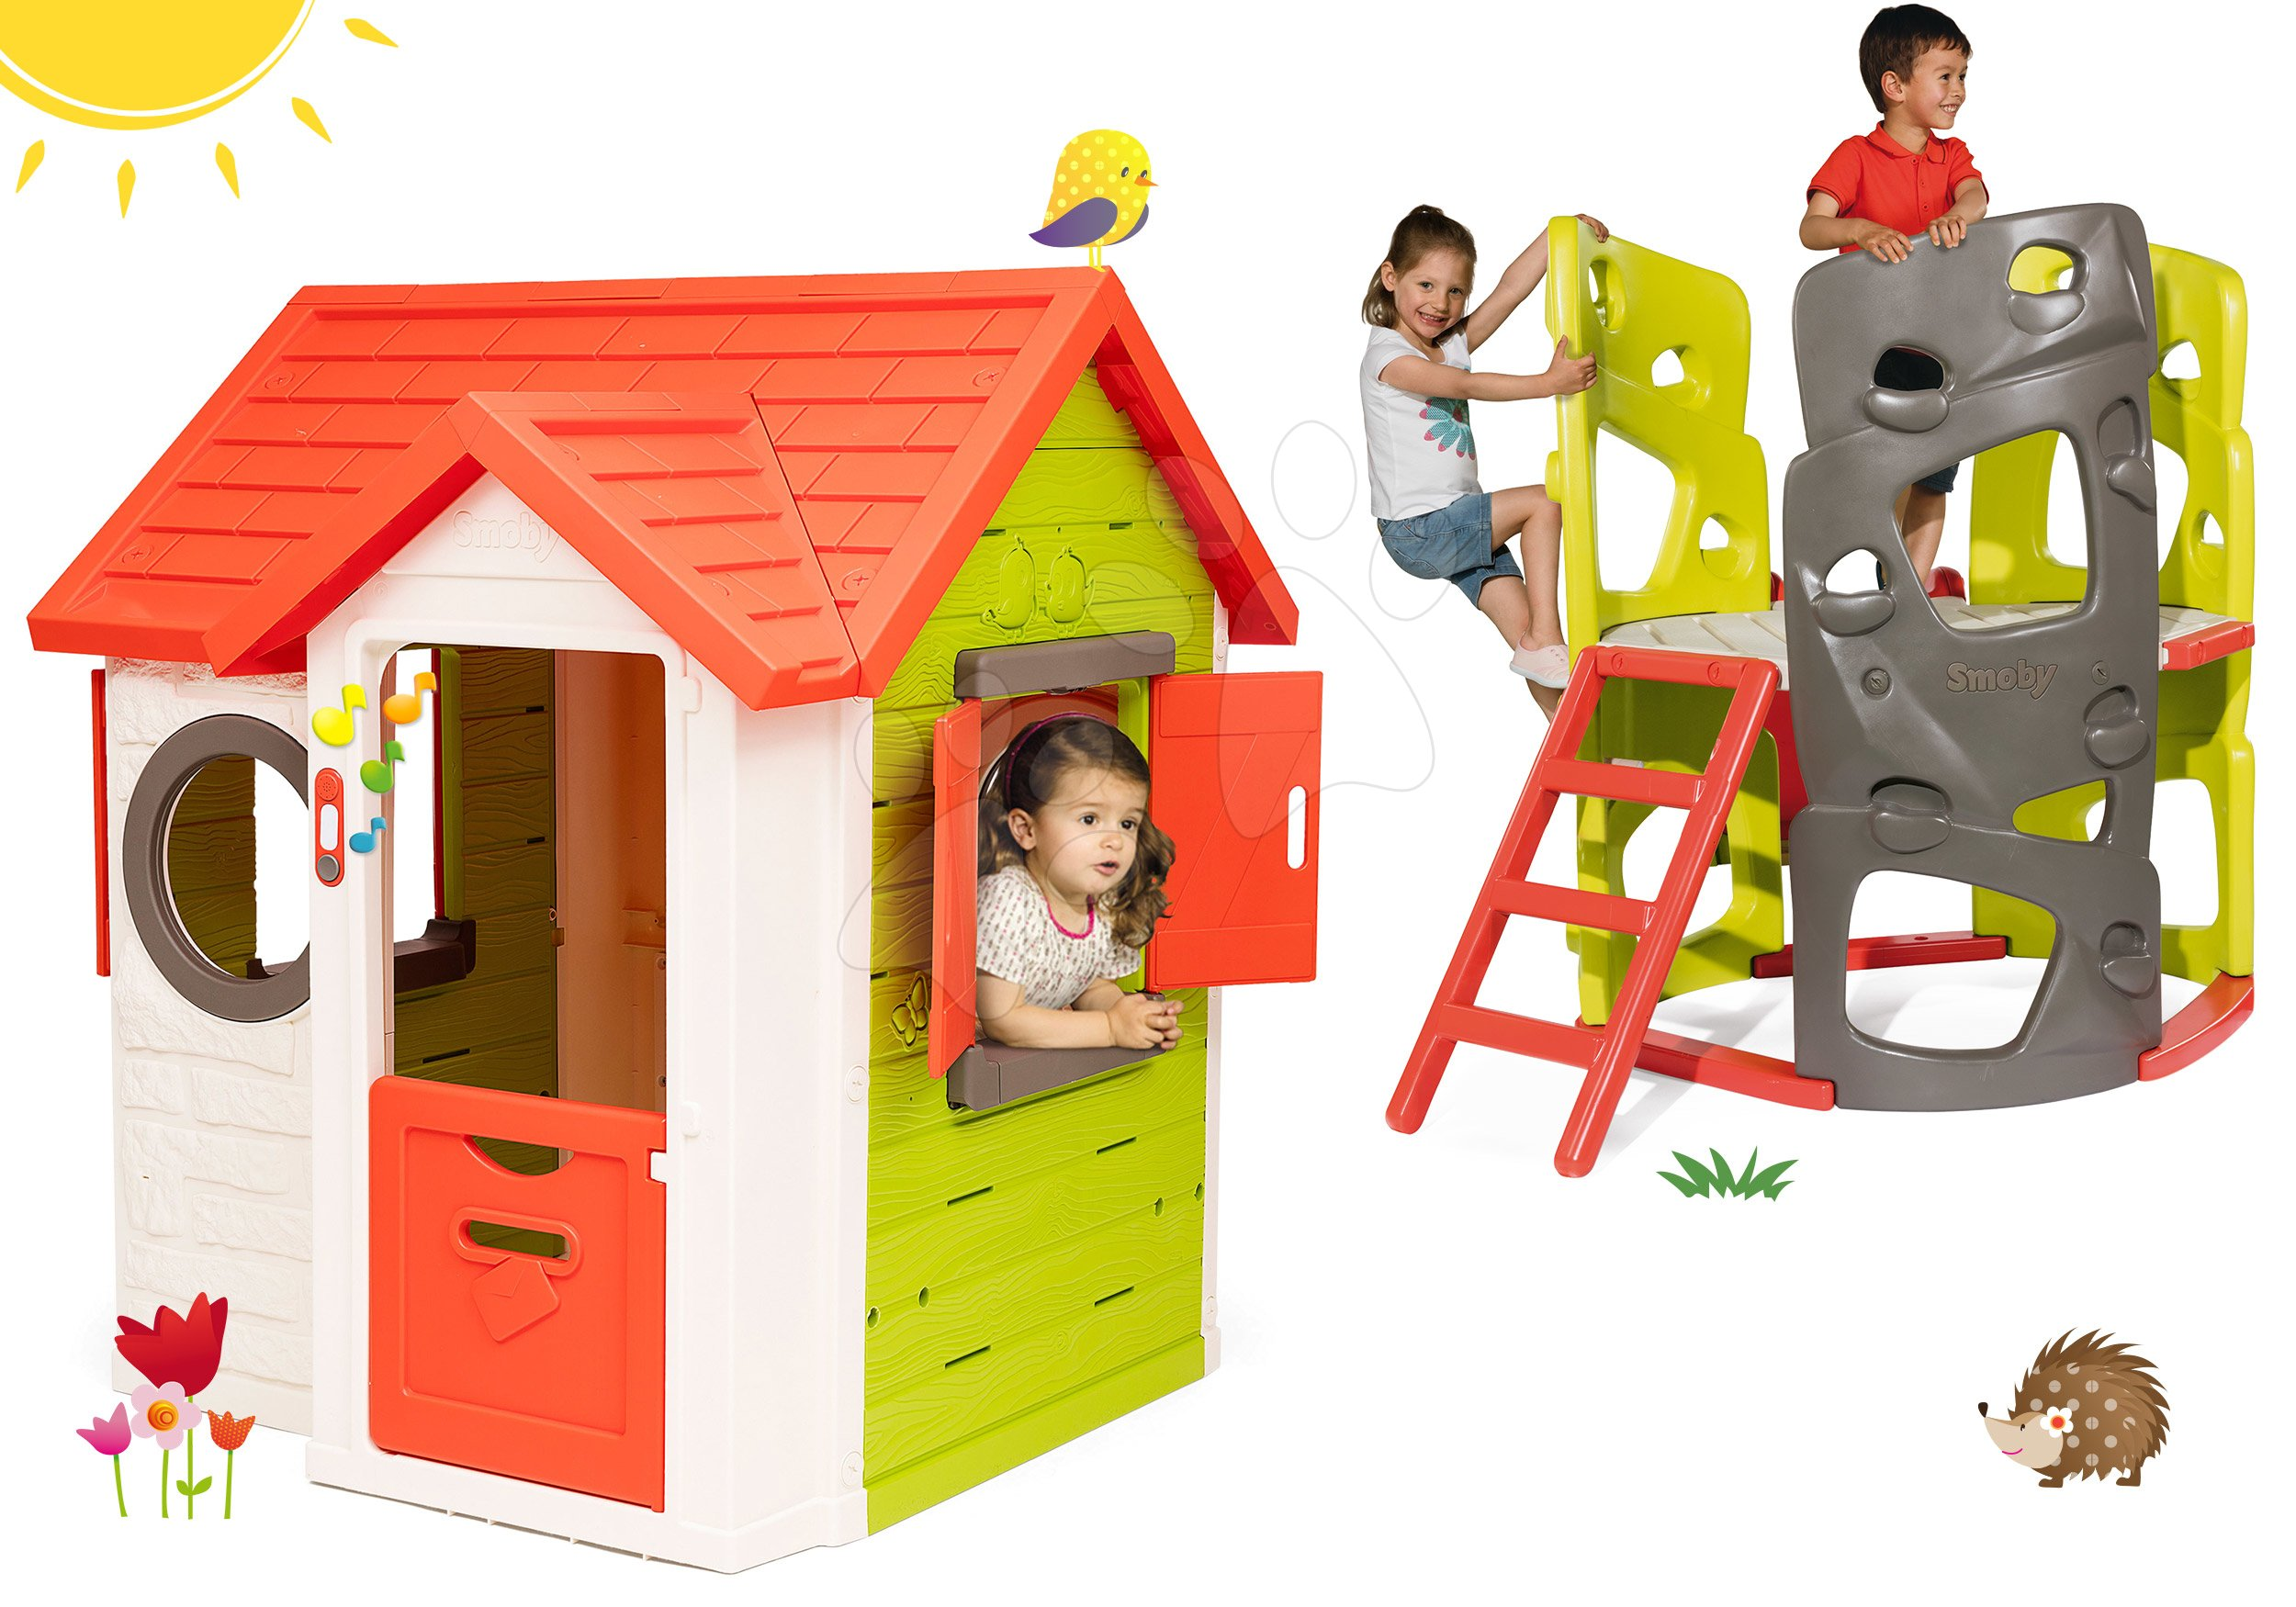 Set domeček My Neo House DeLuxe Smoby s 2 dveřmi a prolézačka Multiactivity Climbing Tower se skluzavkou od 24 měs